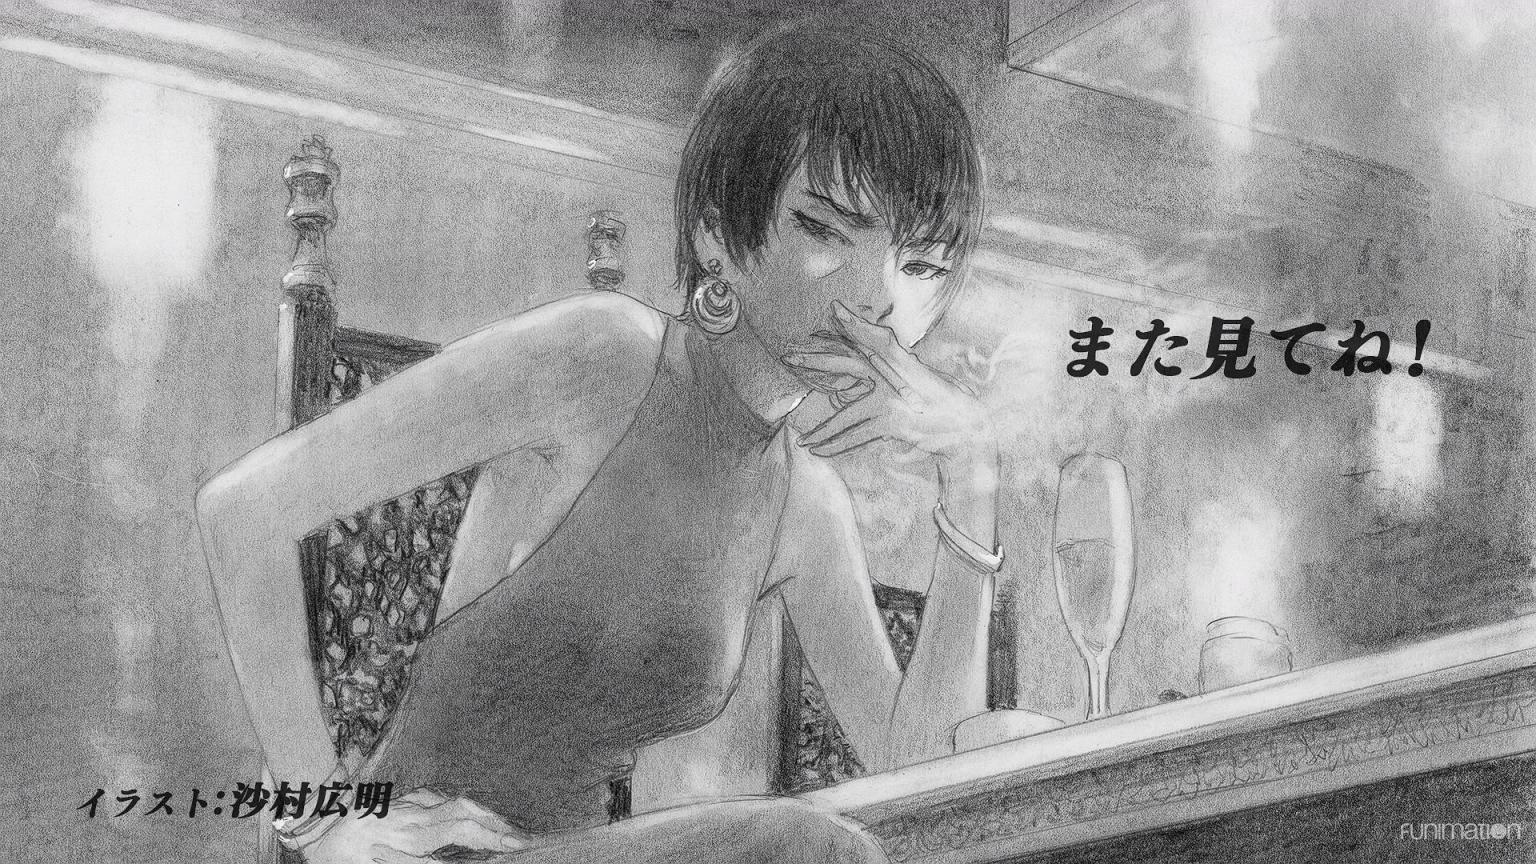 Nami yo Kiitekure Episode 02 Endcard Samura Hiroaki